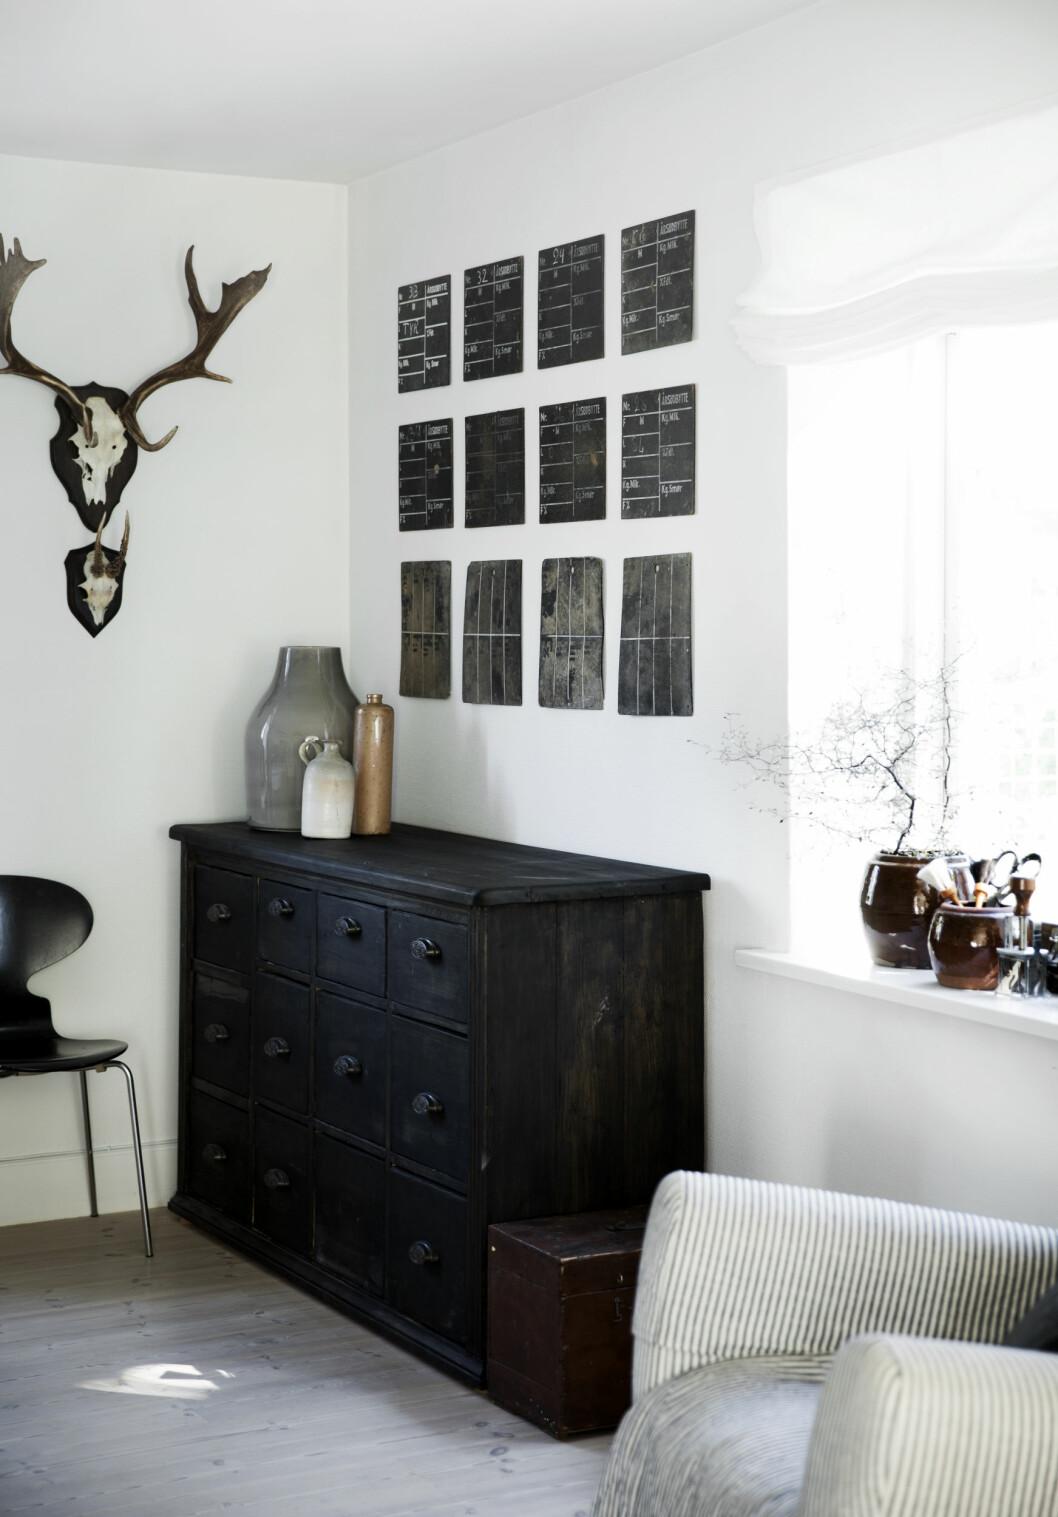 GJENBRUK: Over kjøpmannsdisken har Birgitte hengt 12 små, gamle tavler som sammen danner en stilren symmetri. Egentlig så hun for seg énstor tavle, men siden hun elsker gjenbruk, ble dette et artig alternativ.  Foto: Tia Borgsmidt